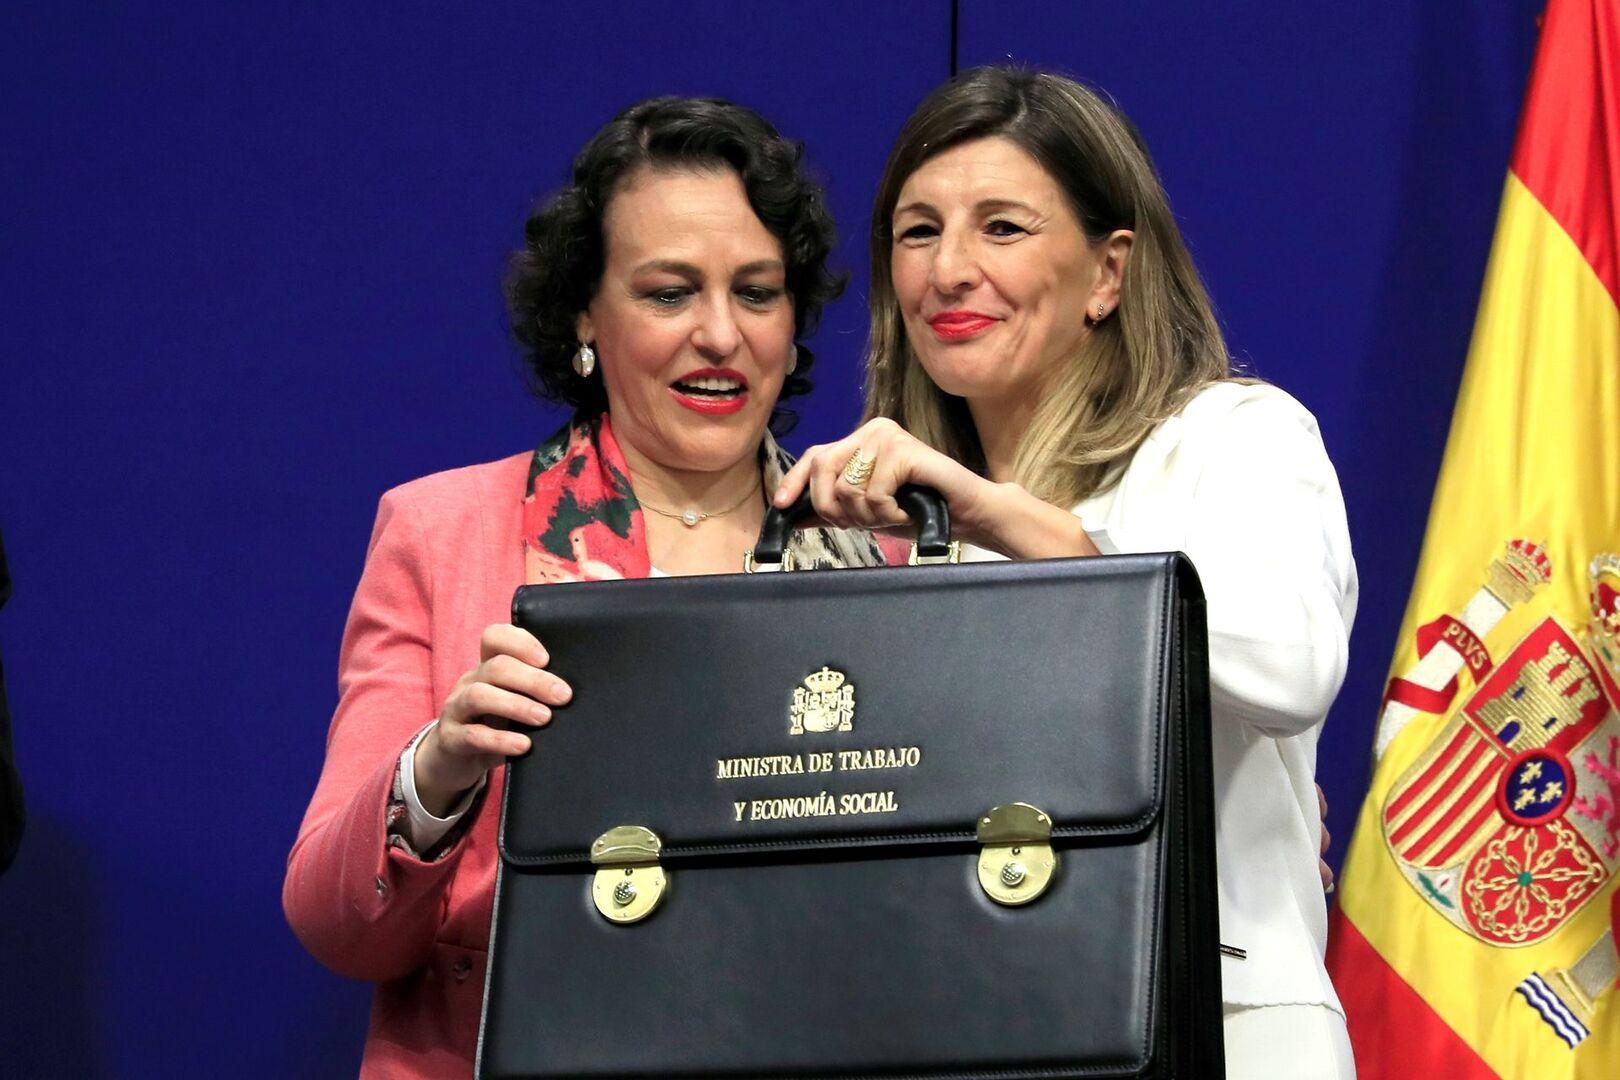 Estas serán las regiones y colectivos más afectados por el alza del SMI a 1.000 euros al mes